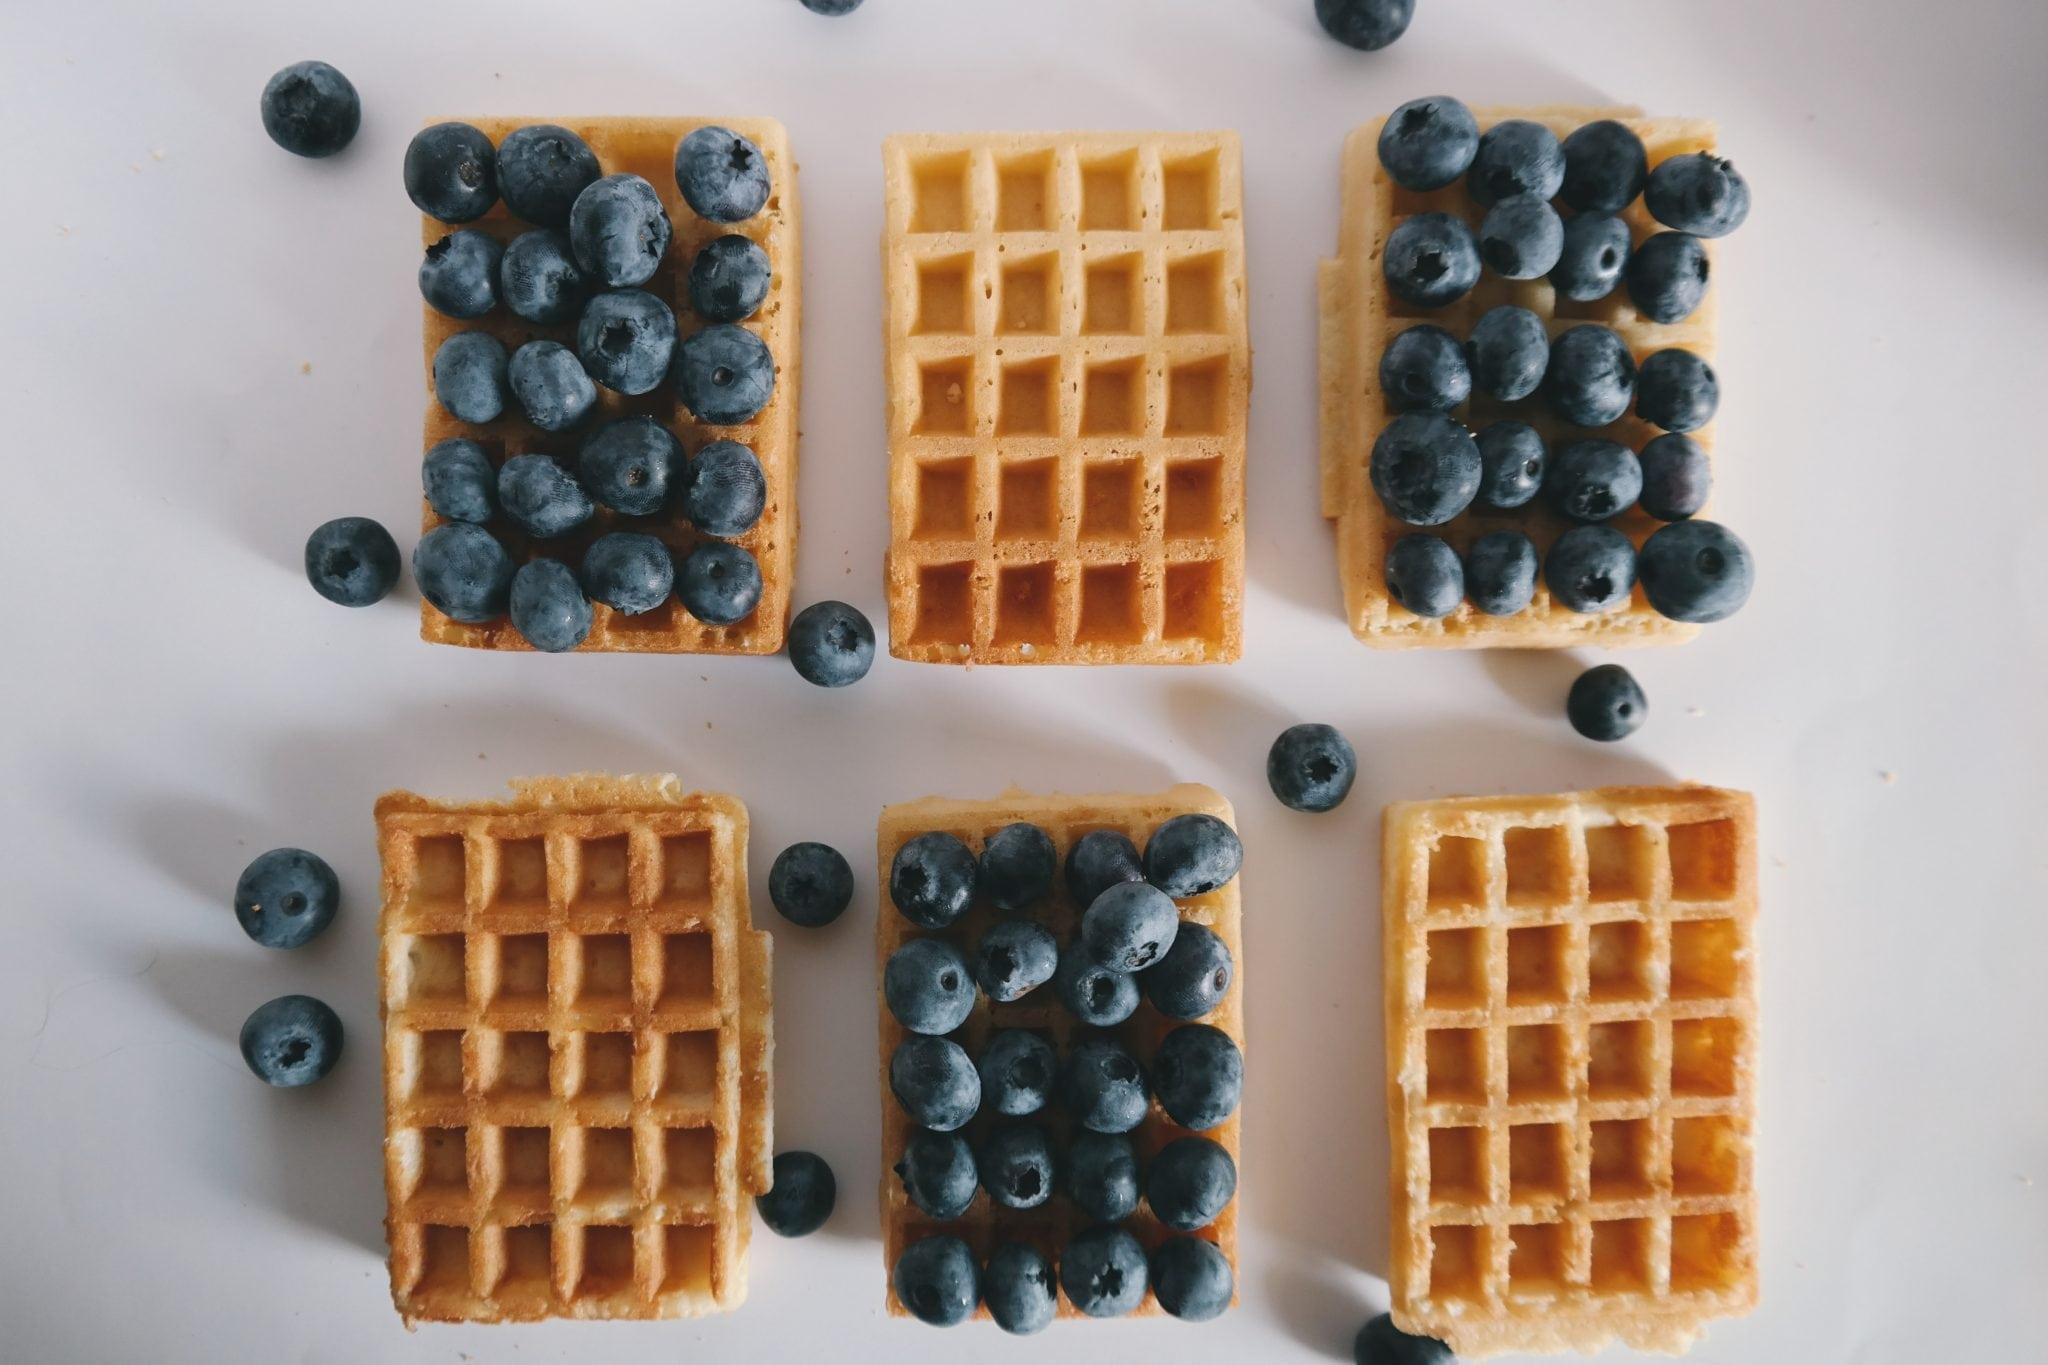 Ý tưởng bữa sáng lành mạnh cho các bà mẹ đang di chuyển